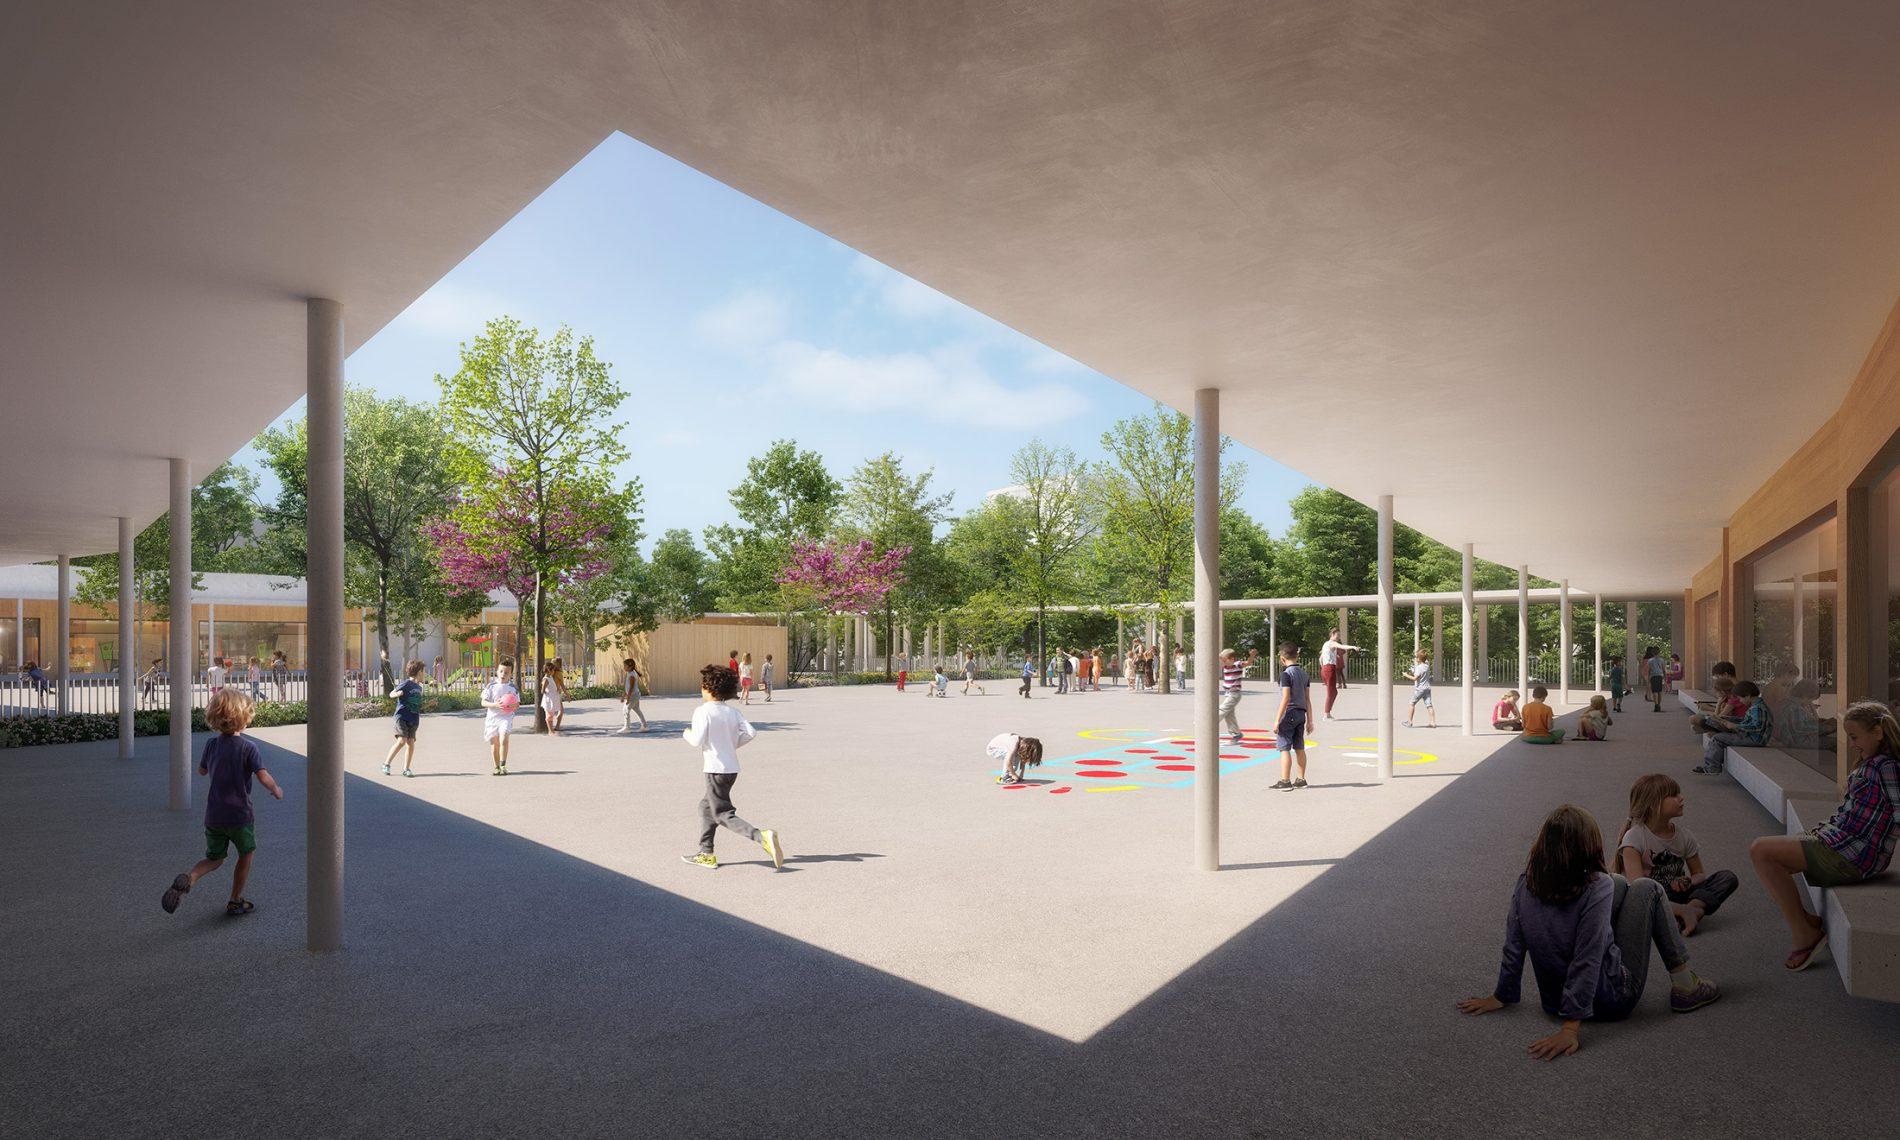 Image du concours d'architecture de la cours d'école du groupe scolaire de Vallon-Régny, arborée et de son préau ombragé